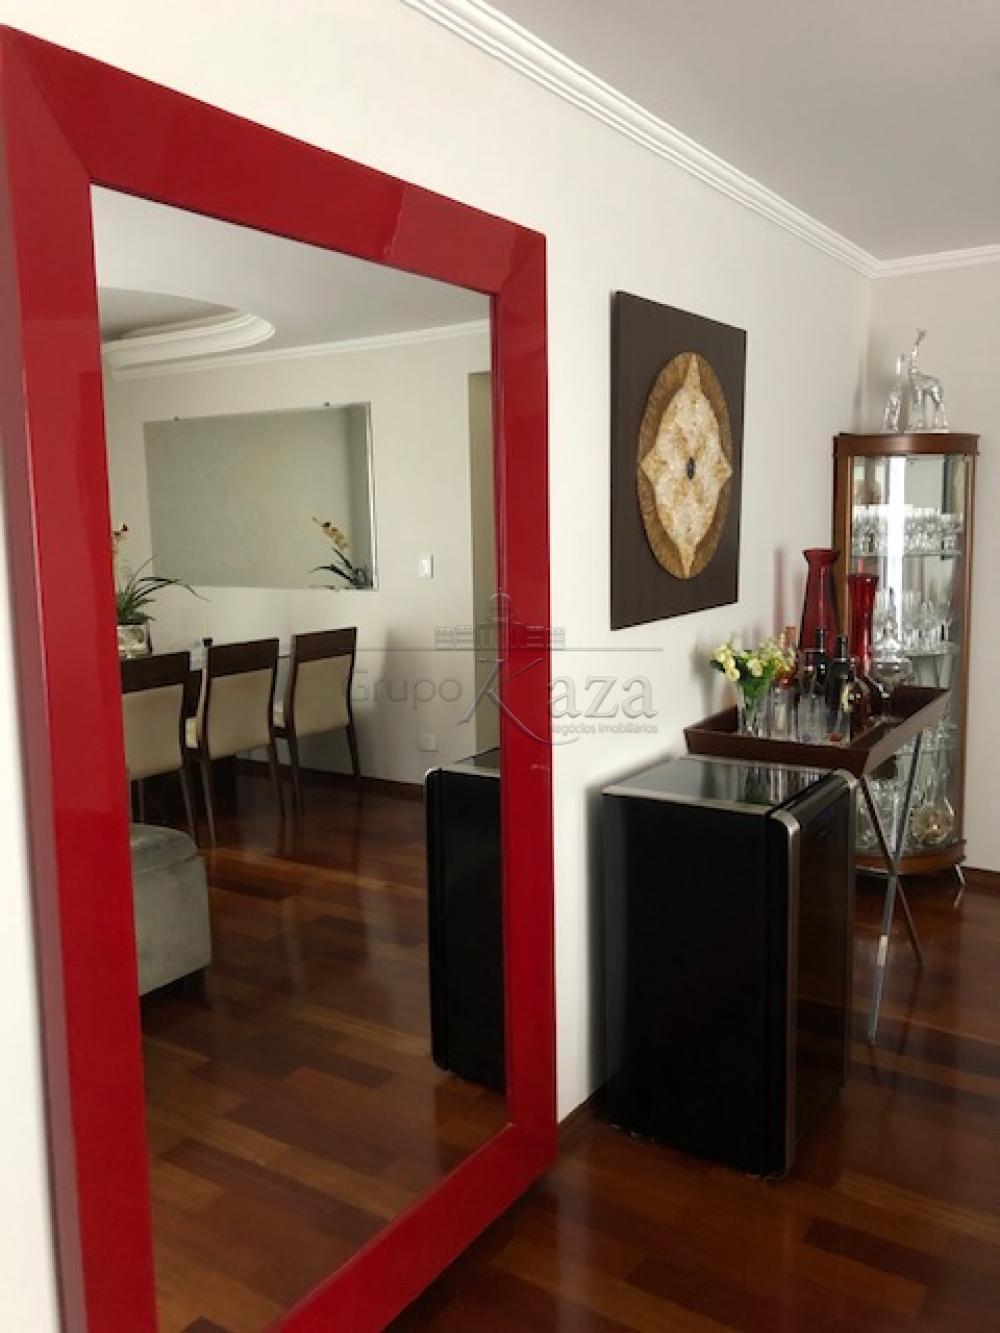 Comprar Apartamento / Padrão em São José dos Campos apenas R$ 435.000,00 - Foto 41